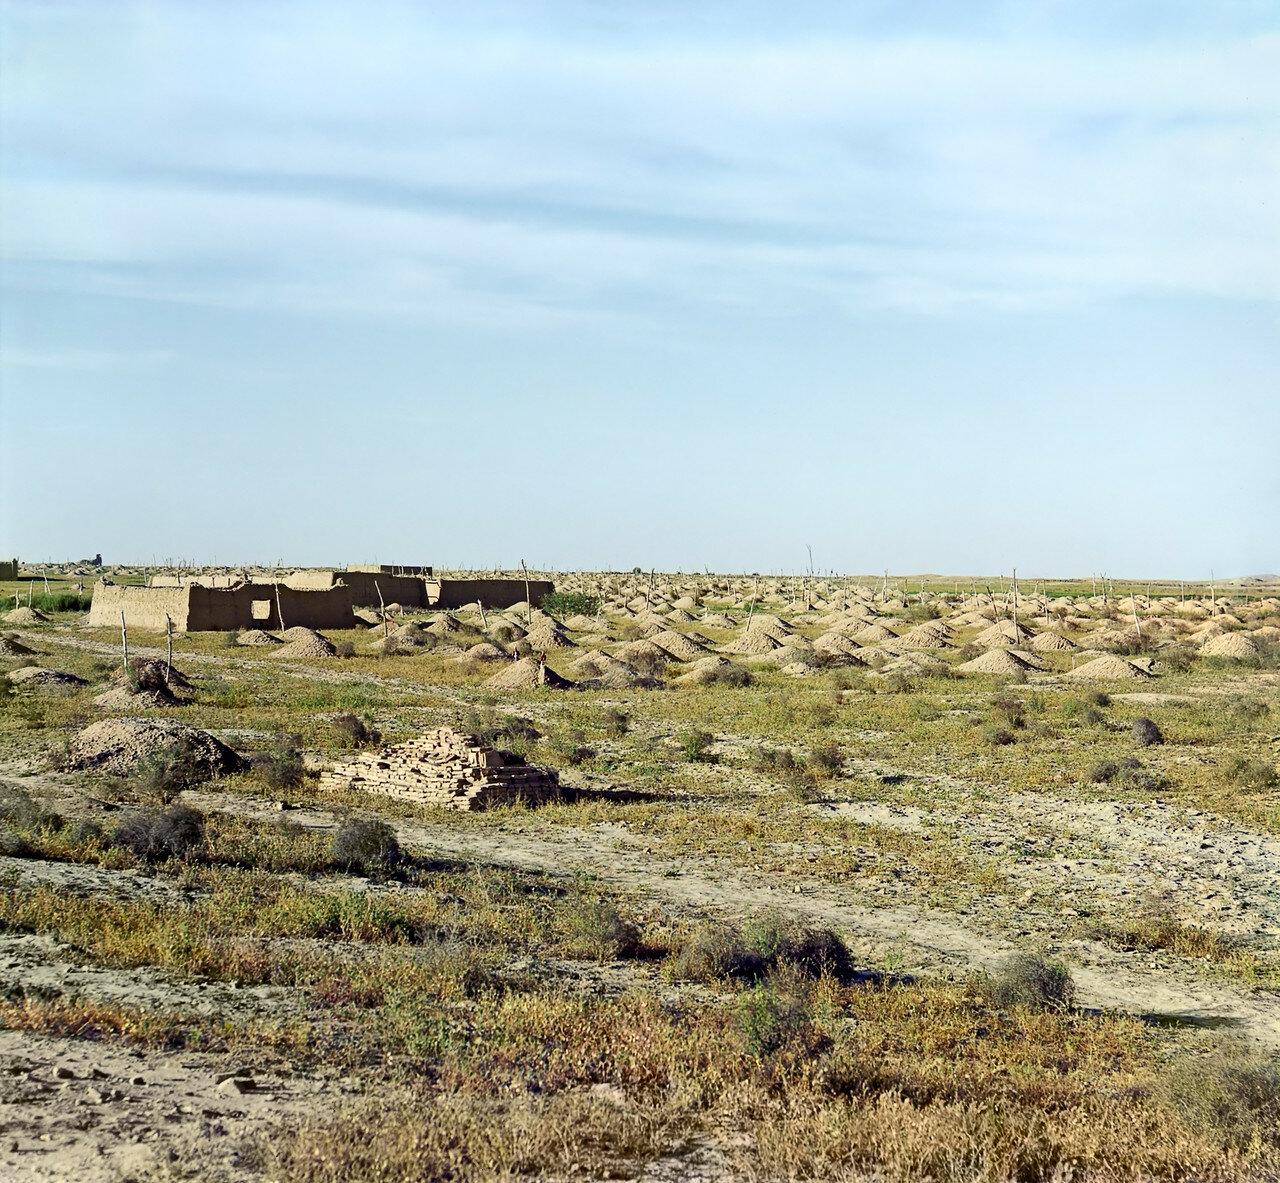 Окрестности Мерва. Близ Байрам-Али. Текинское кладбище